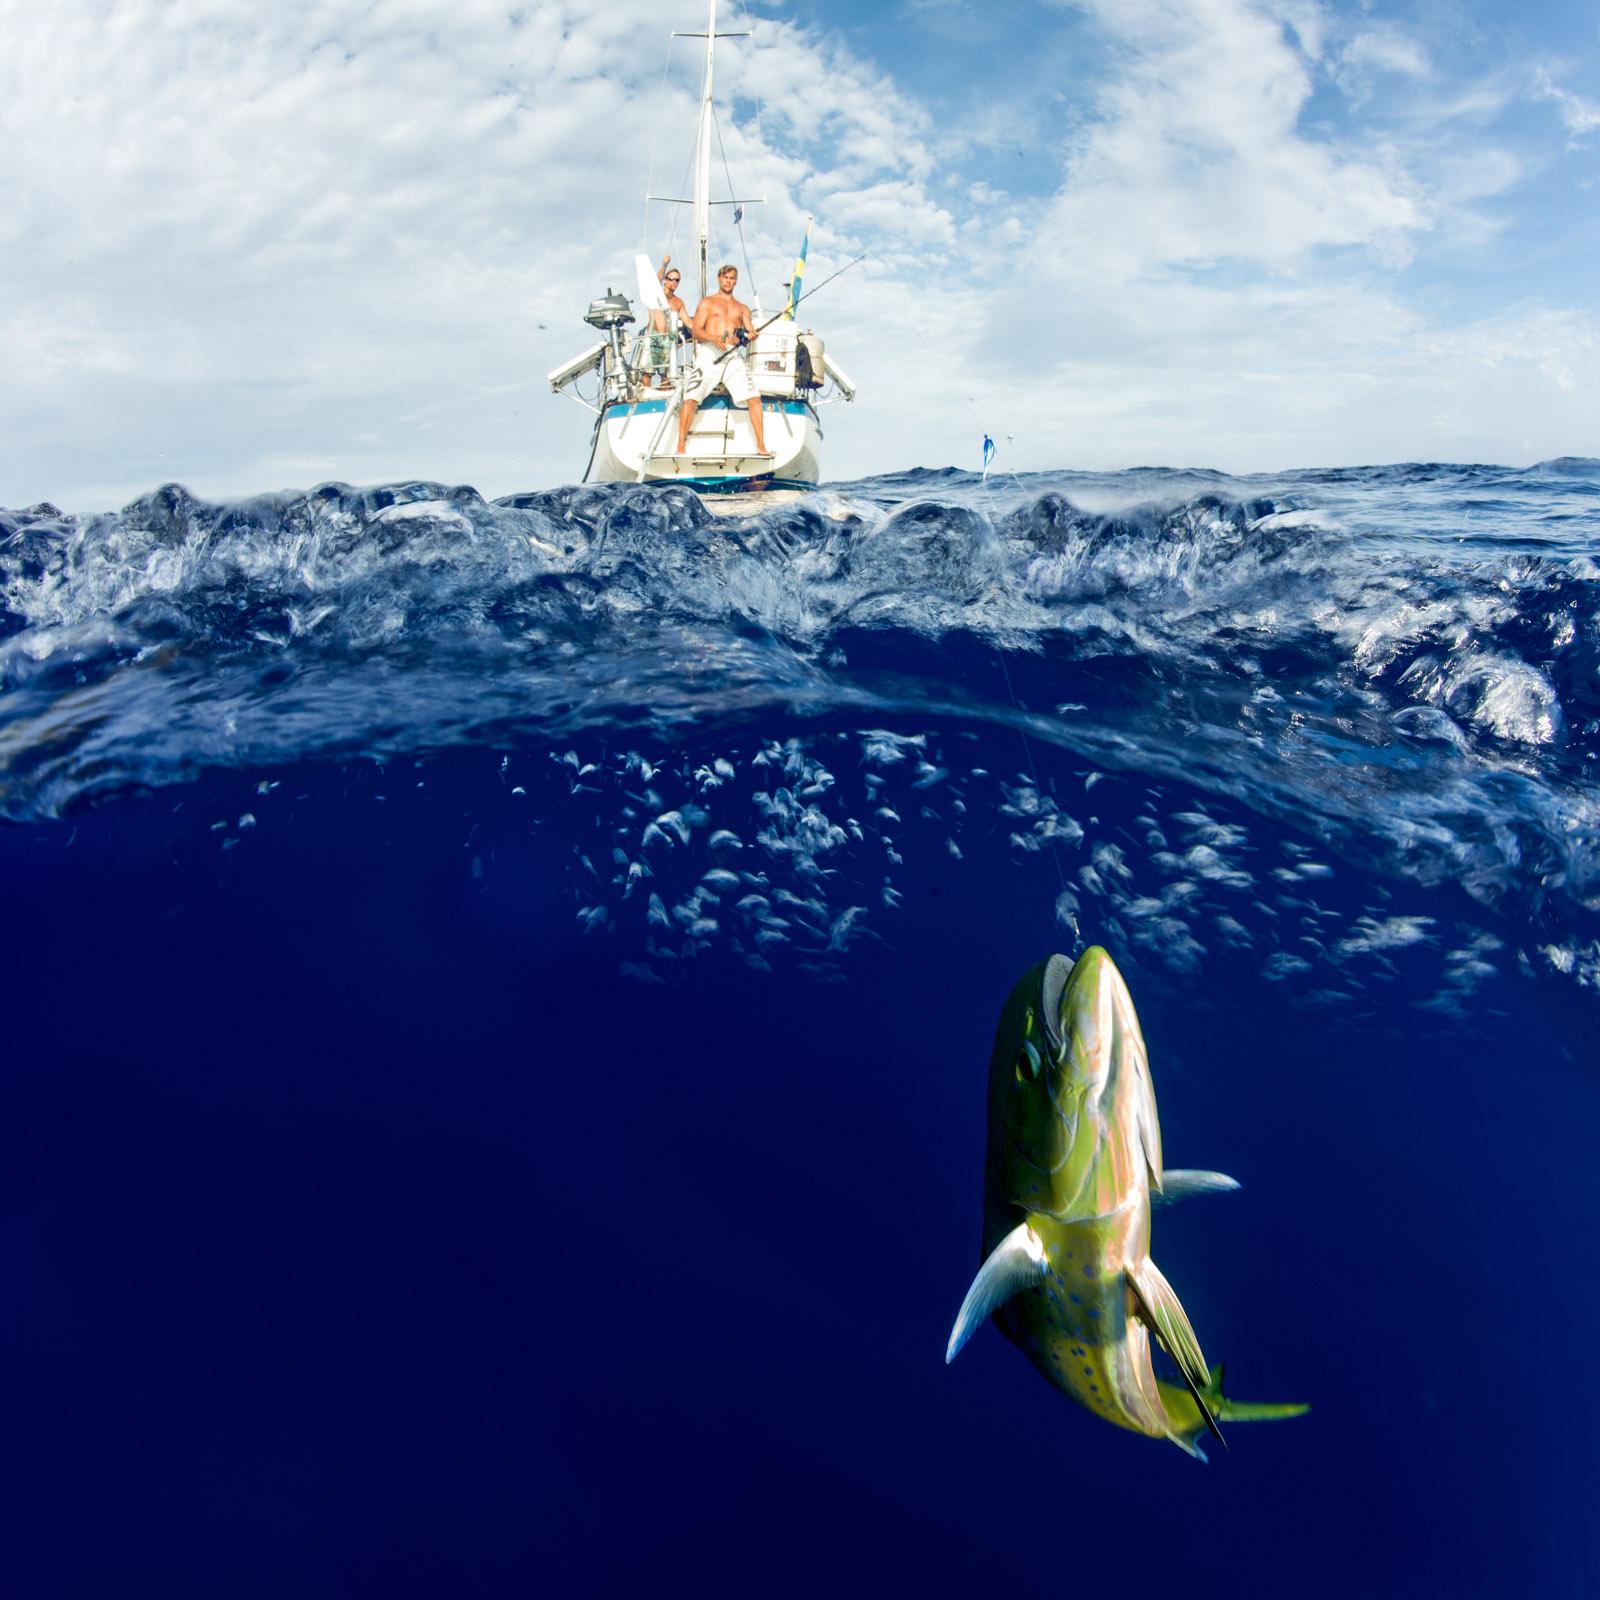 mahi mahi, fishing, trolling, pacific, ocean, sailing, wanderlust, anhede, guldmakrill, dorade coryphène, lampuga, llampuga, lampuka, lampuki, rakingo, calitos, maverikos